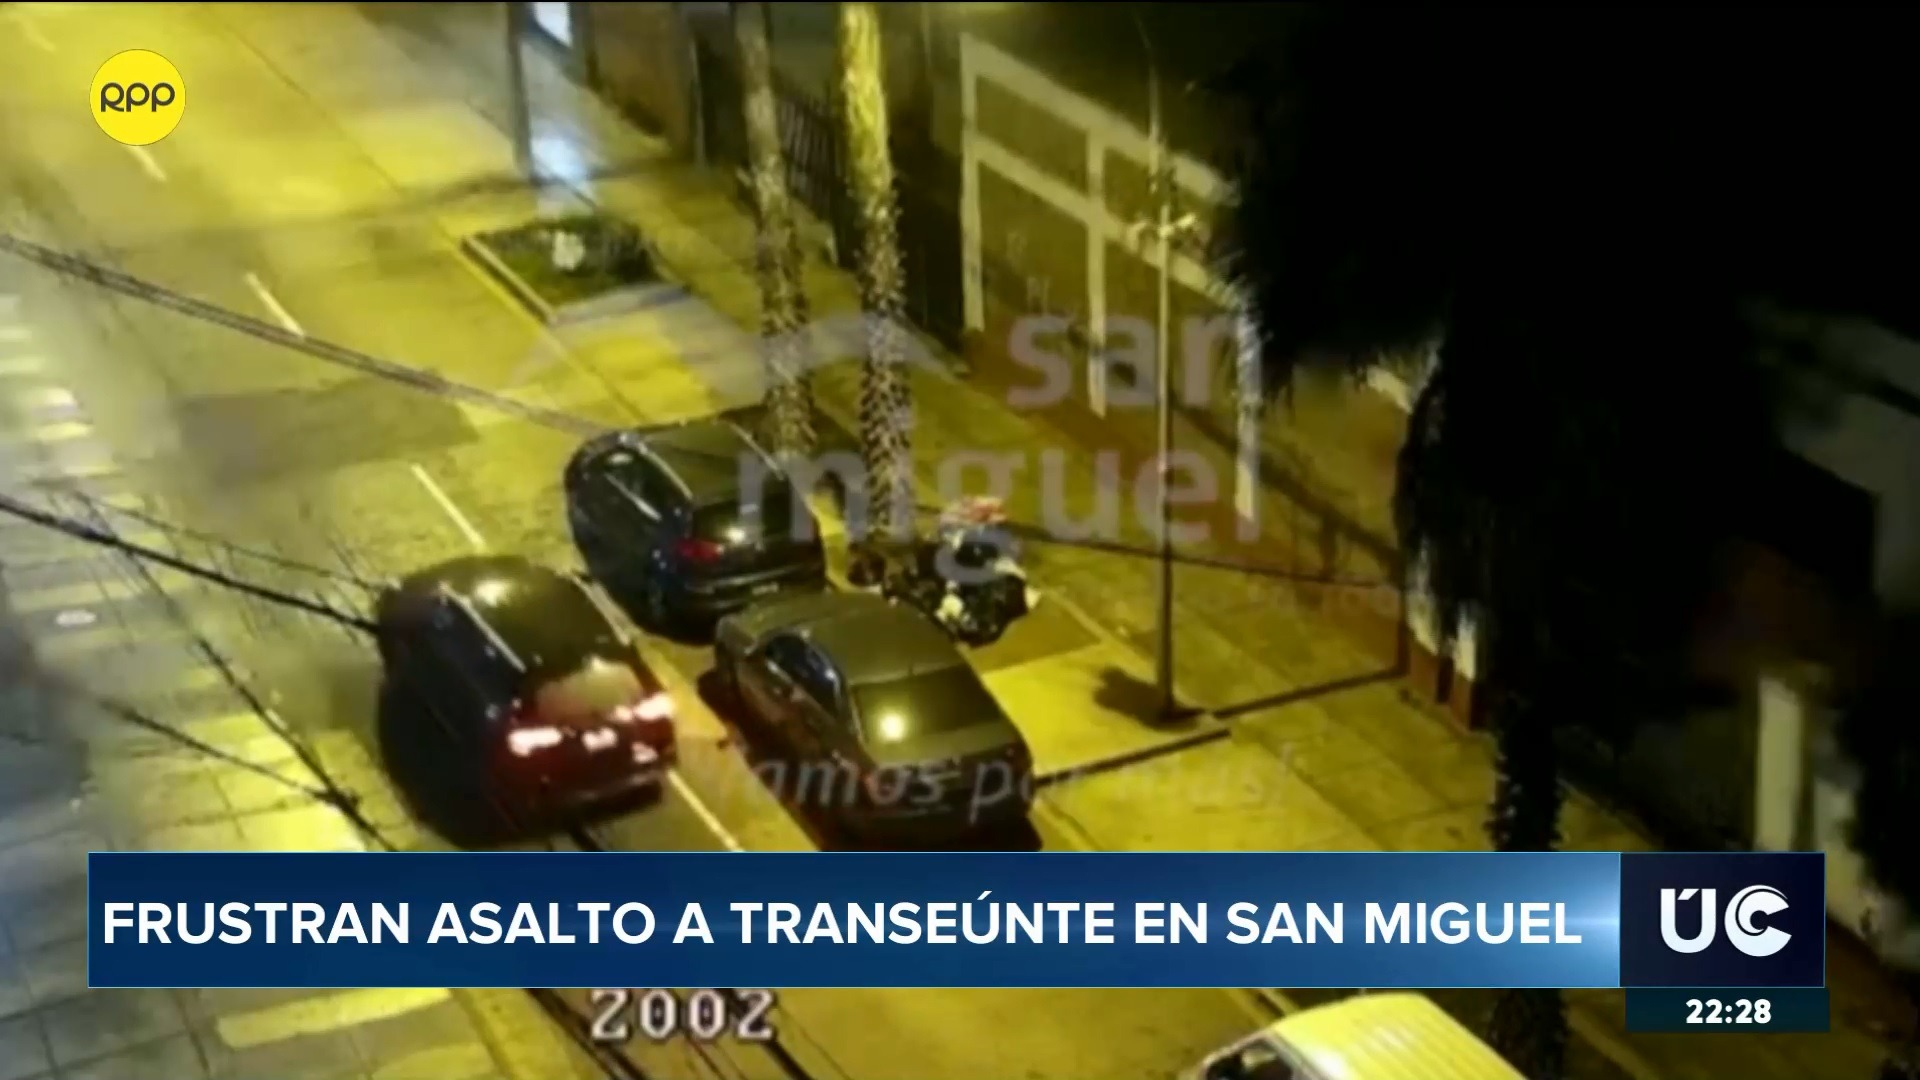 El robo se produjo a pocos metros de la Municipalidad de San Miguel.